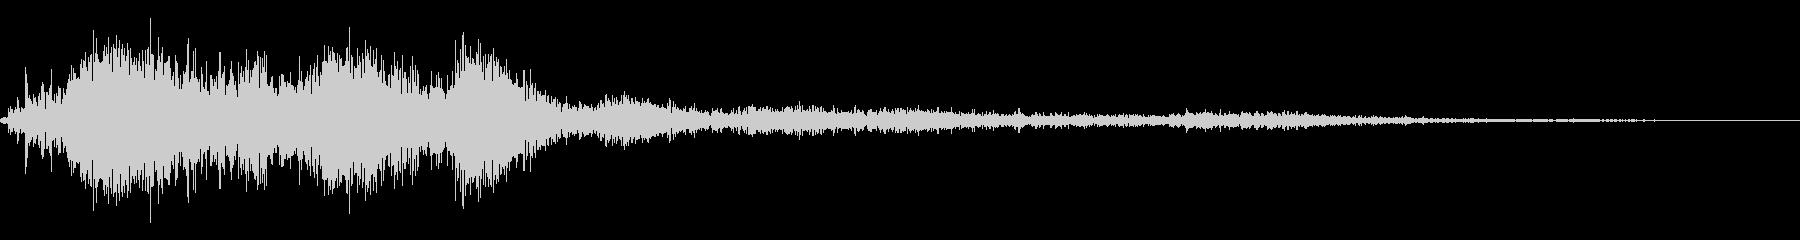 ホラー系導入音_その7の未再生の波形